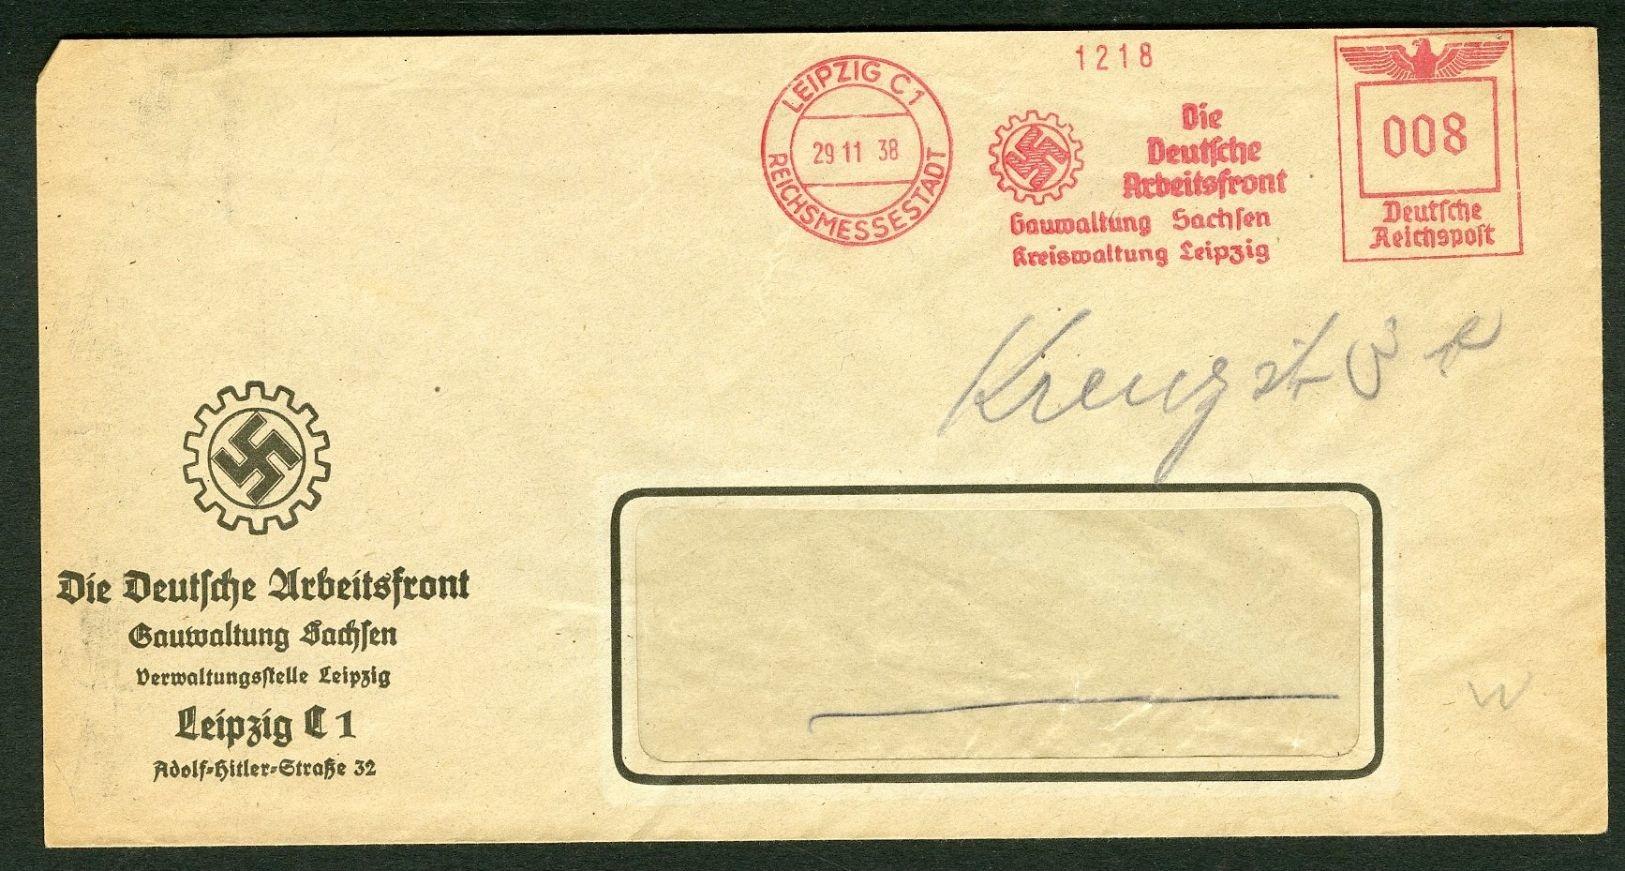 DR Absender Freistempel Deutsche Arbeitsfront Gauwaltung Sachsen 1938 Ab Leipzig Gr32 - Deutschland